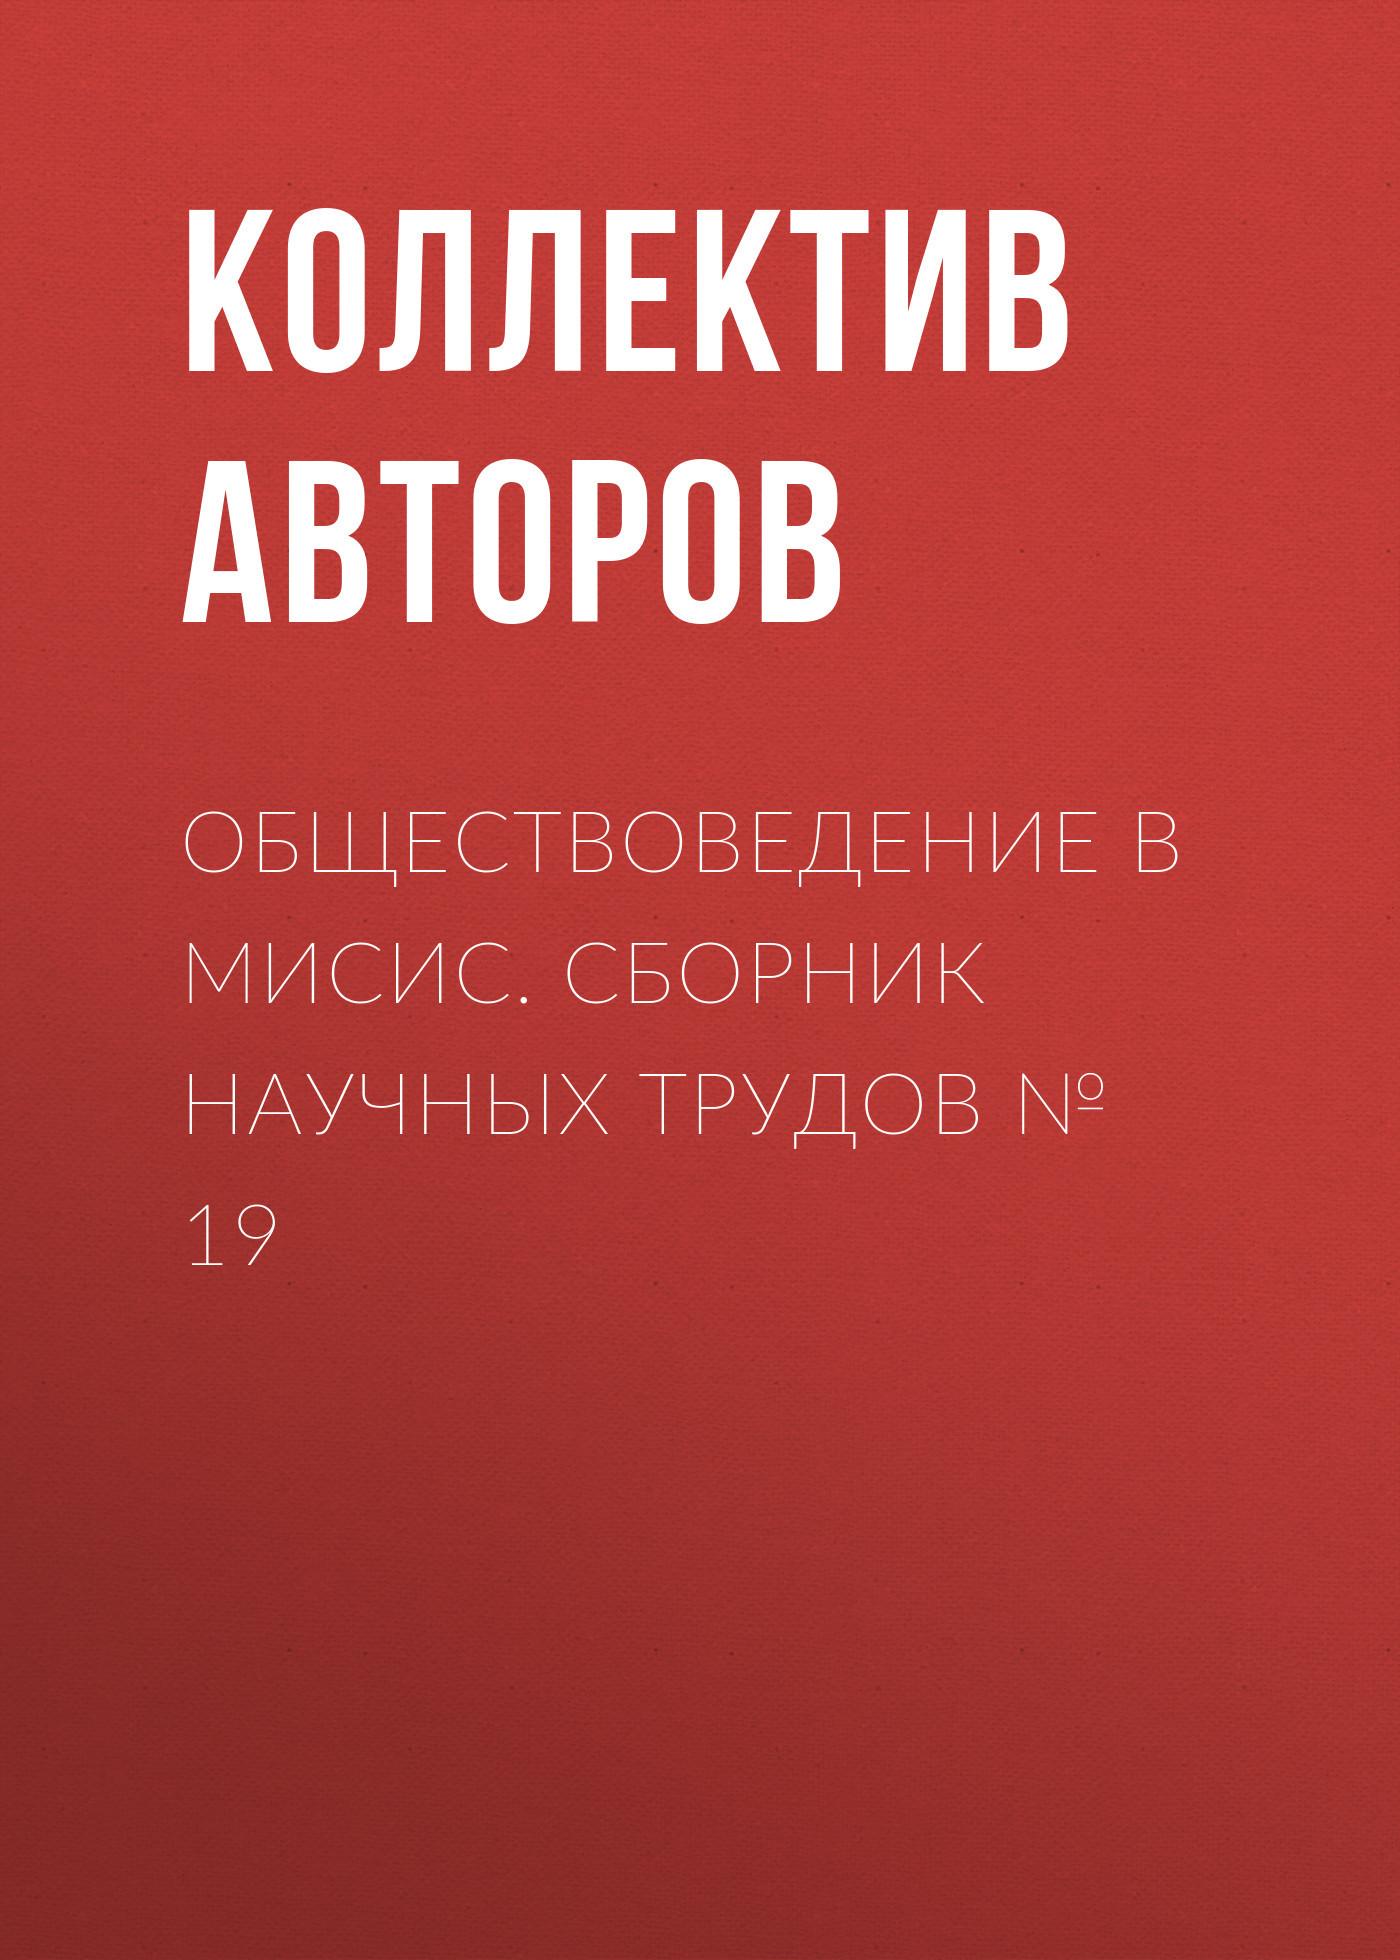 Коллектив авторов Обществоведение в МИСиС. Сборник научных трудов № 19